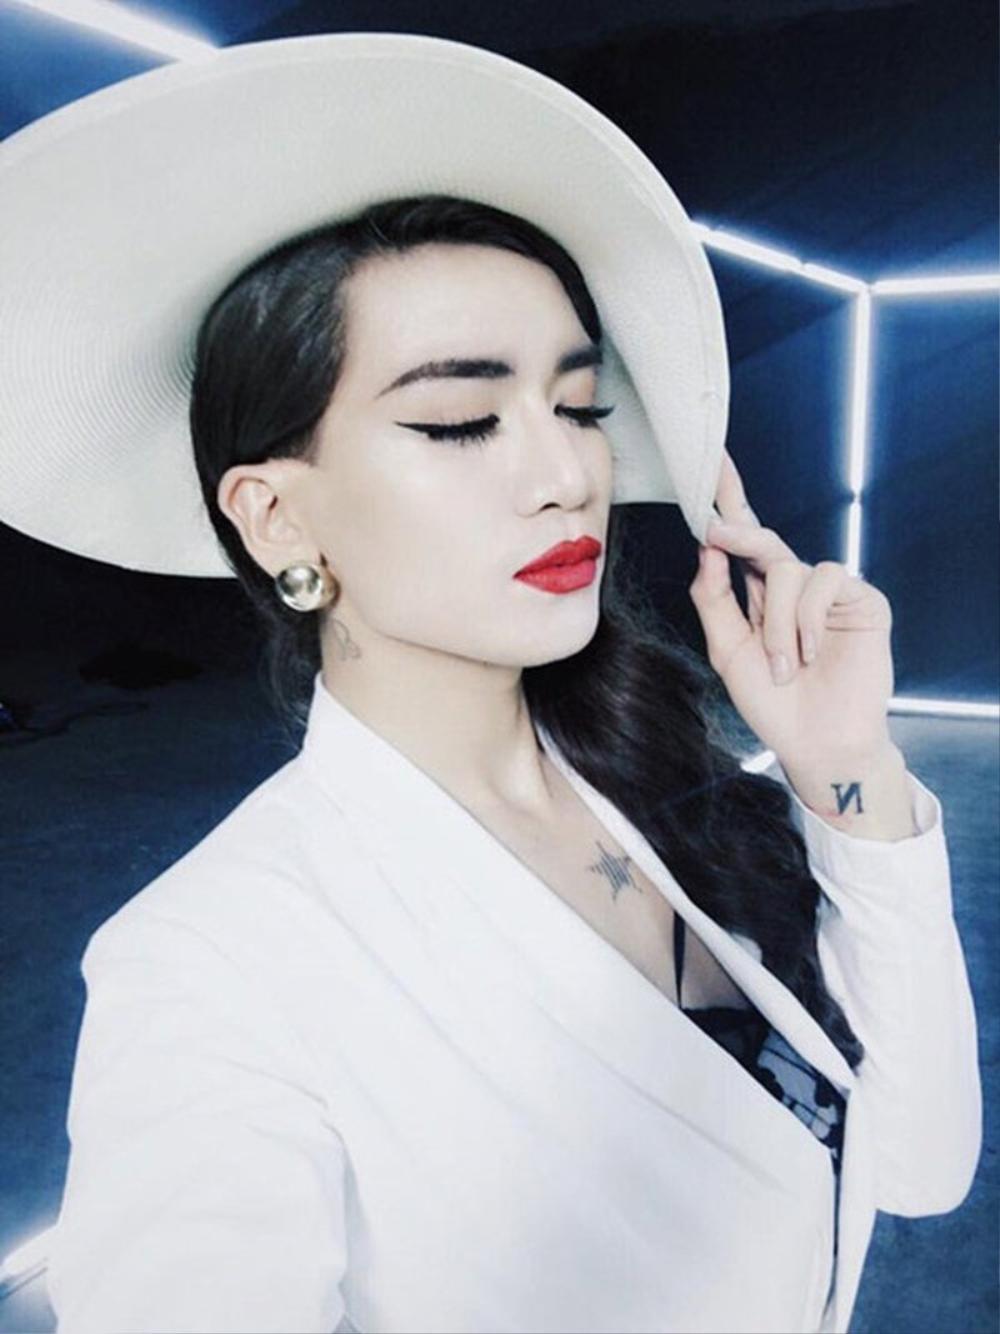 BB Trần xin việc giữ chồng Kim Lý giúp 'mẹ bỉm sữa', Hồ Ngọc Hà thuê ngay: 'Làm ơn qua gấp' Ảnh 4